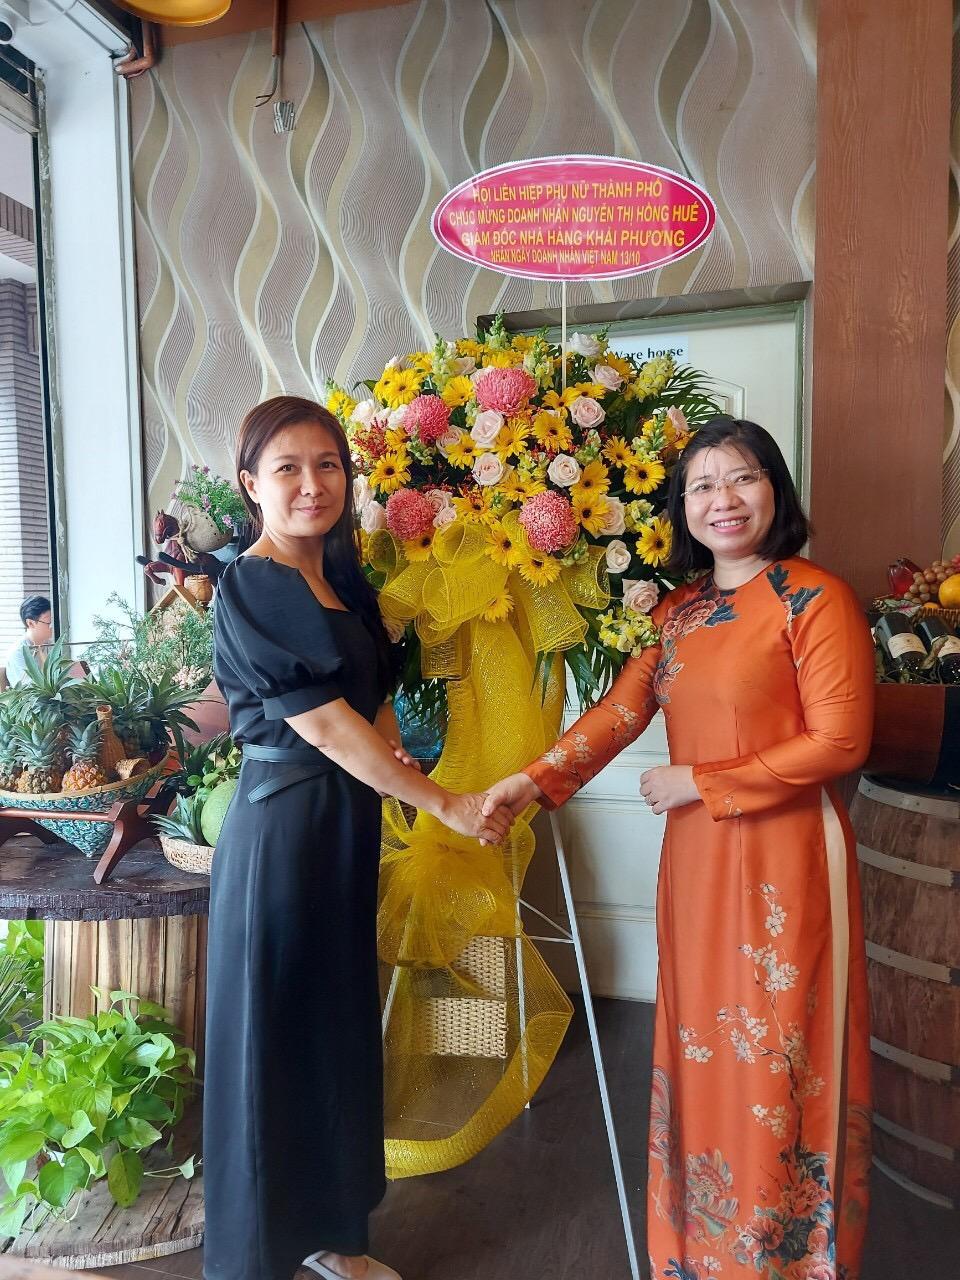 Bà Huyền Thanh thăm hỏi và chúc mừng bà Nguyễn Thị Hồng Huế - Giám đốc Nhà hàng Khải Phương.